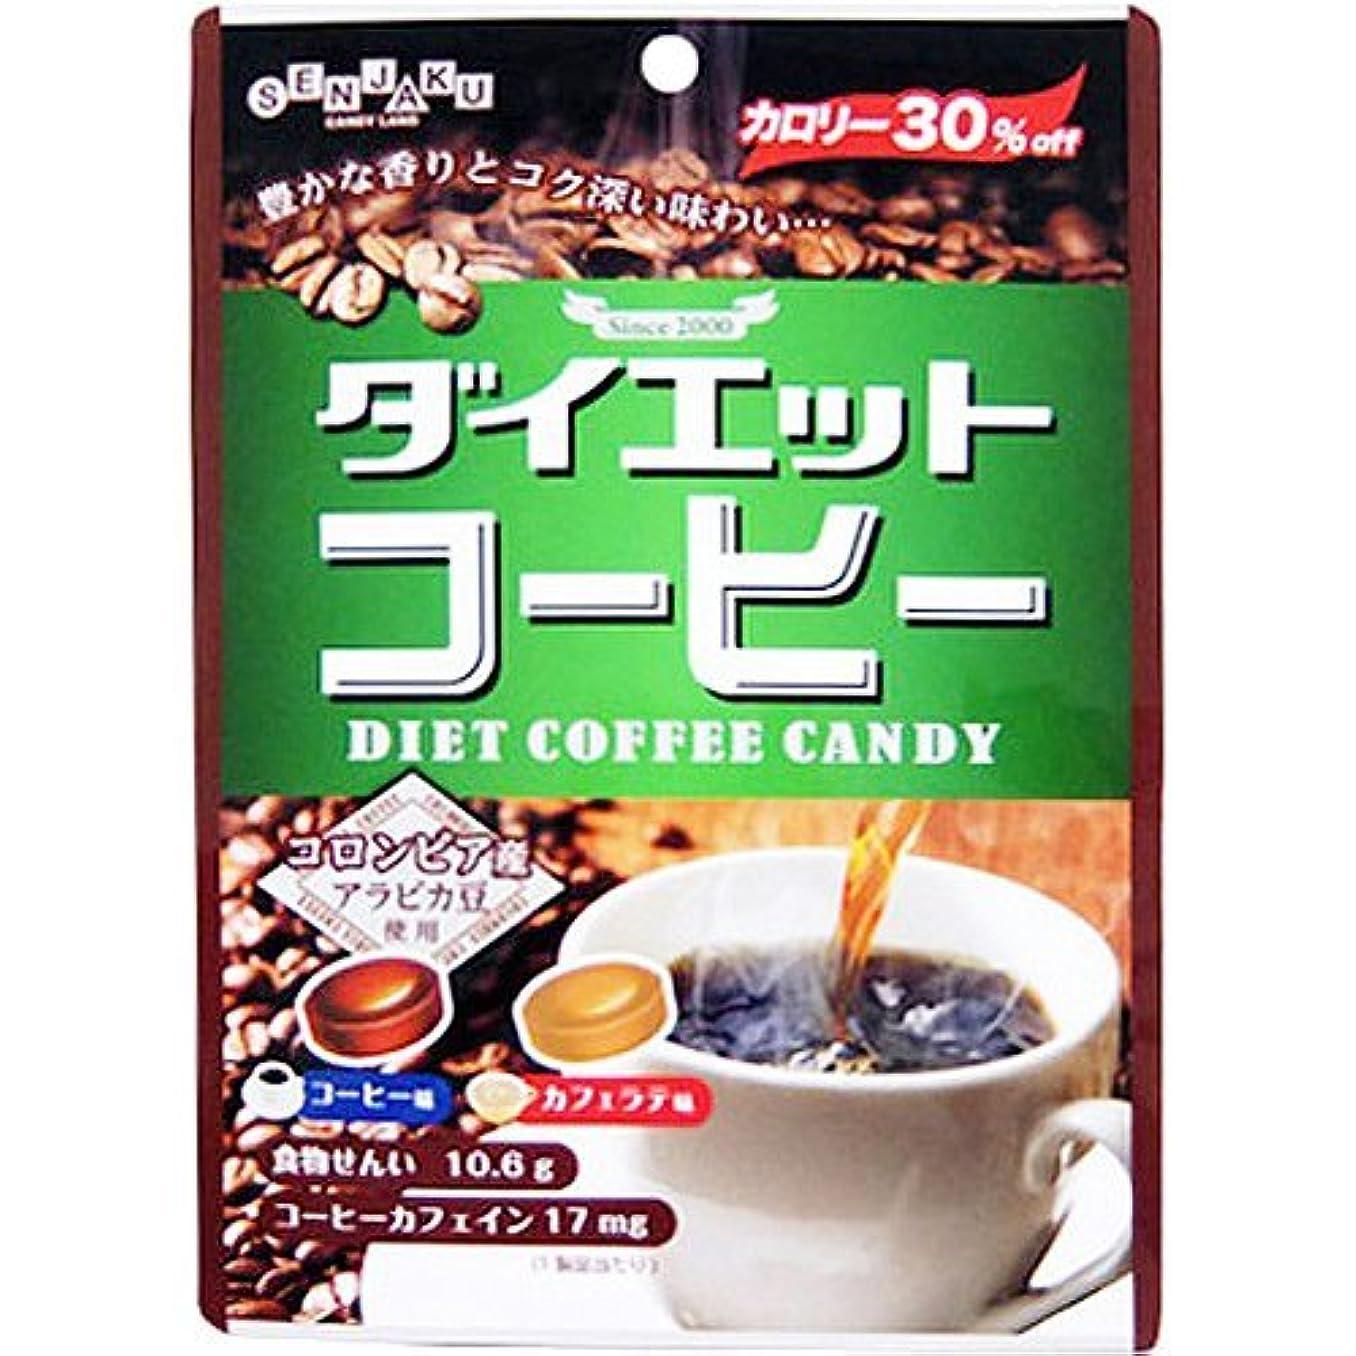 仮定する天の渇き扇雀飴本舗 ダイエットコーヒー 80g